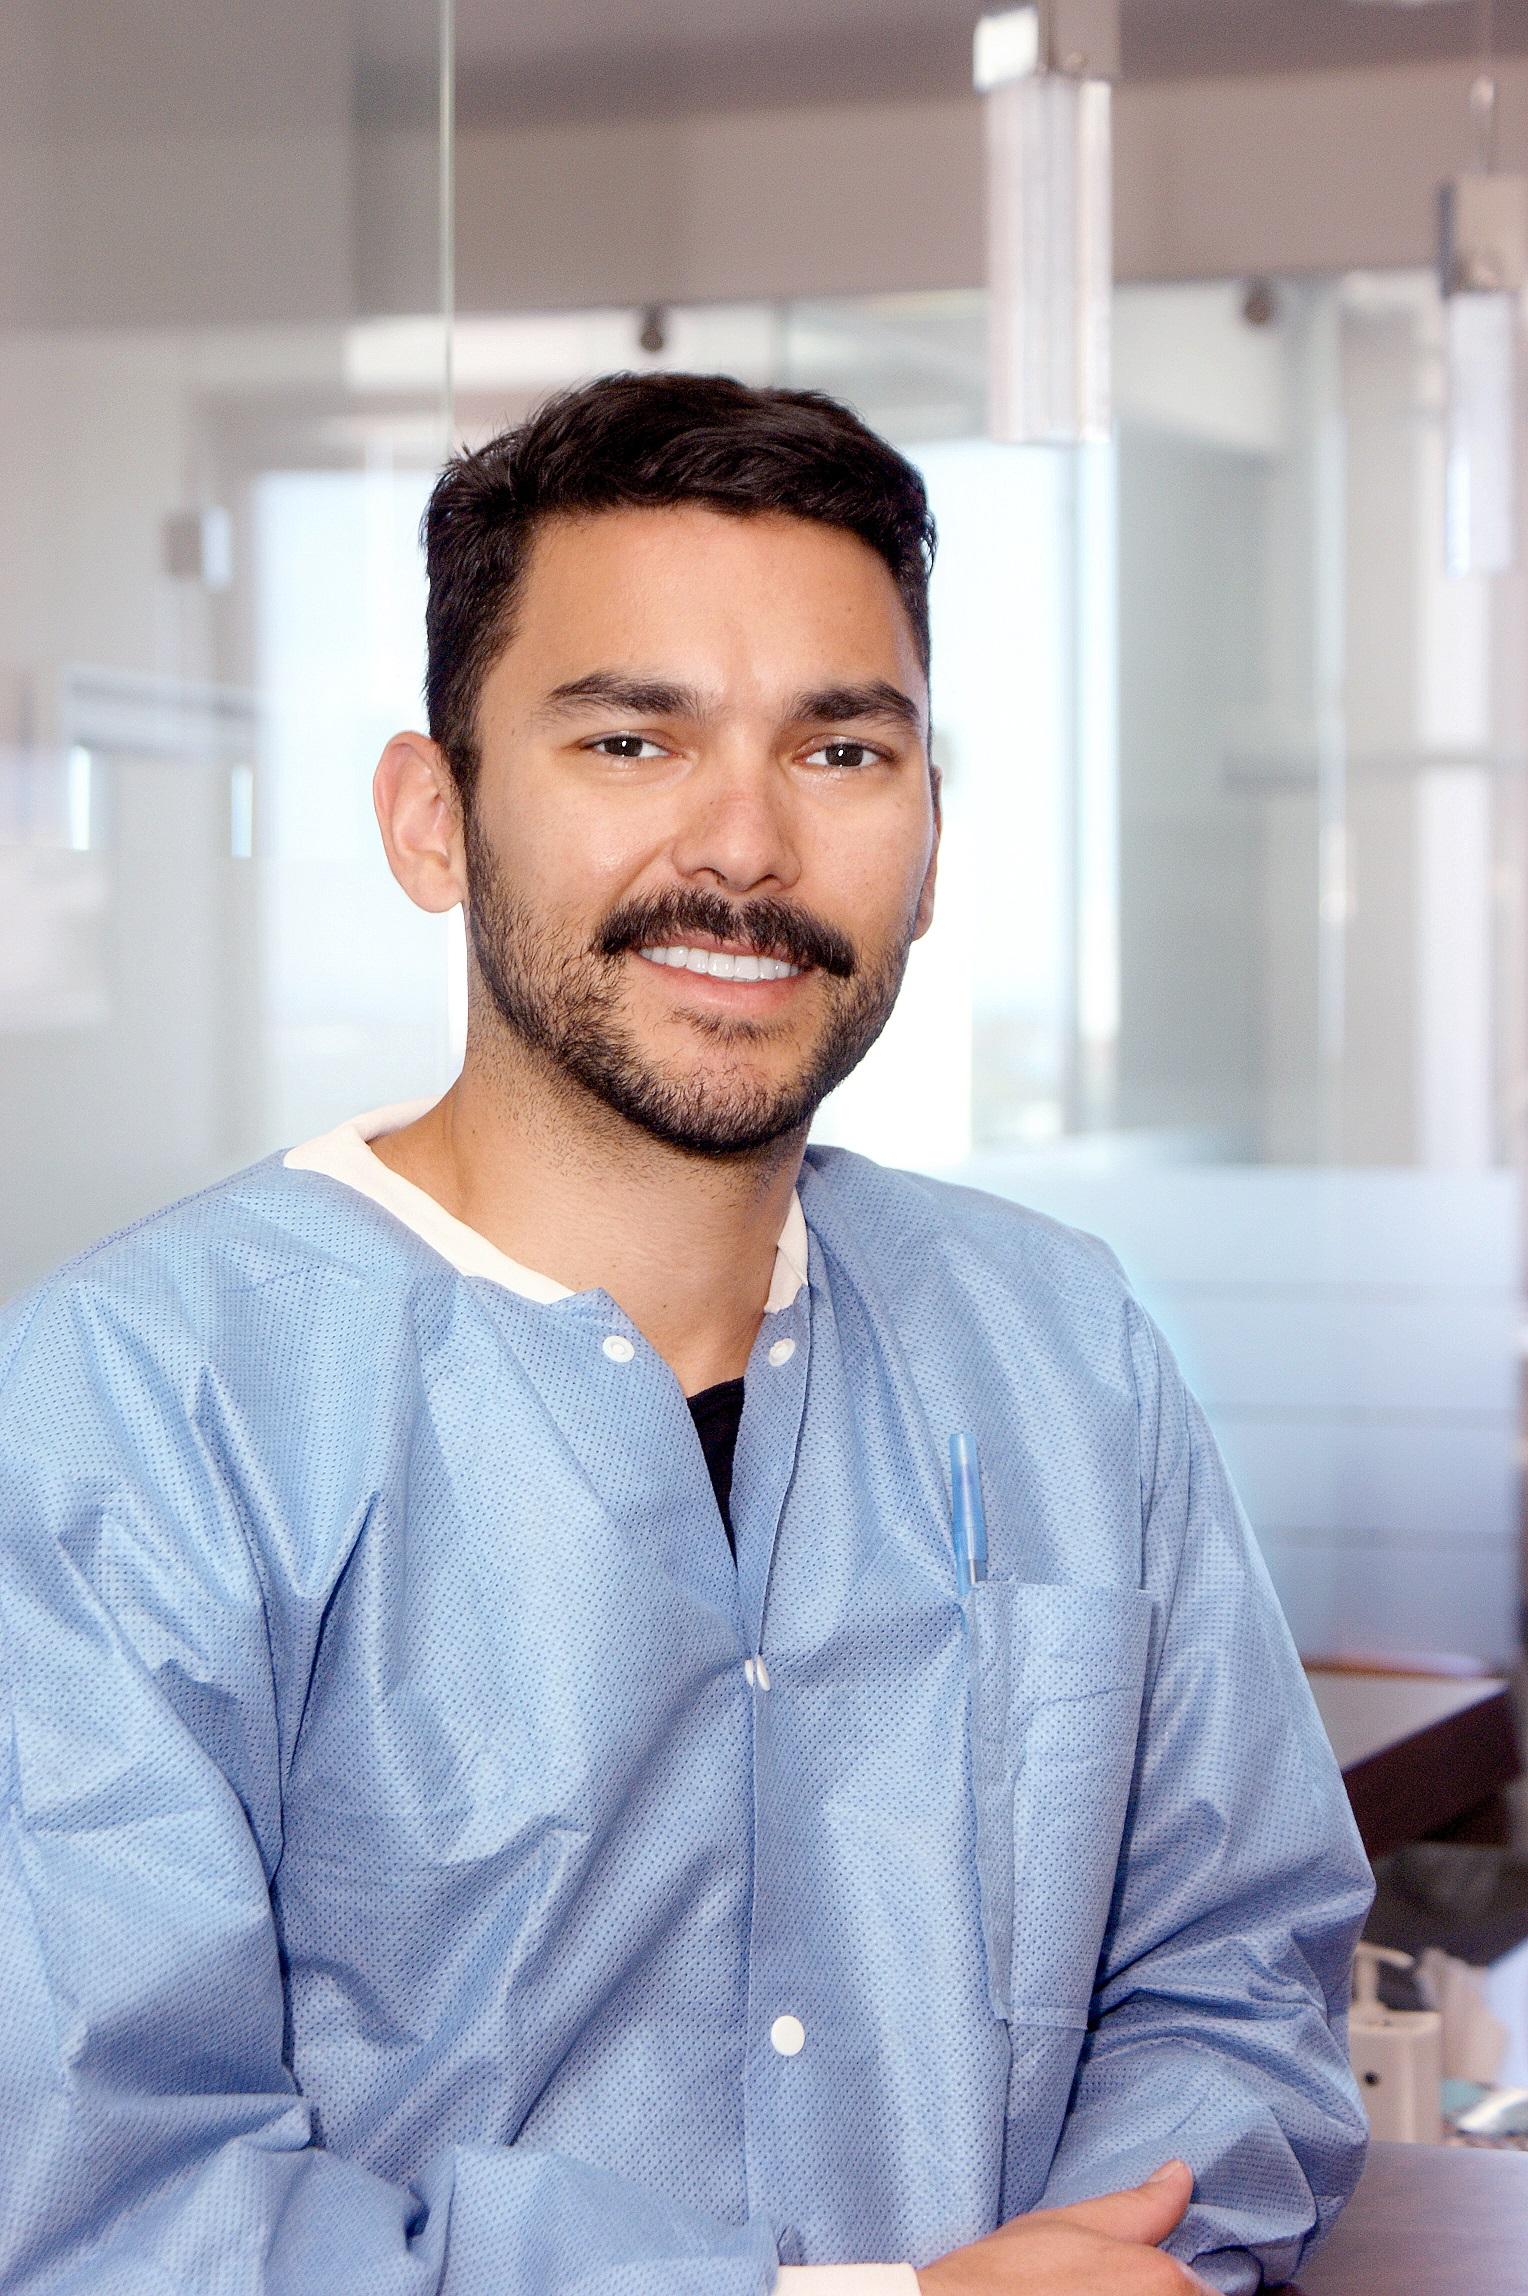 PABLO LORVAN - Dental Assistant